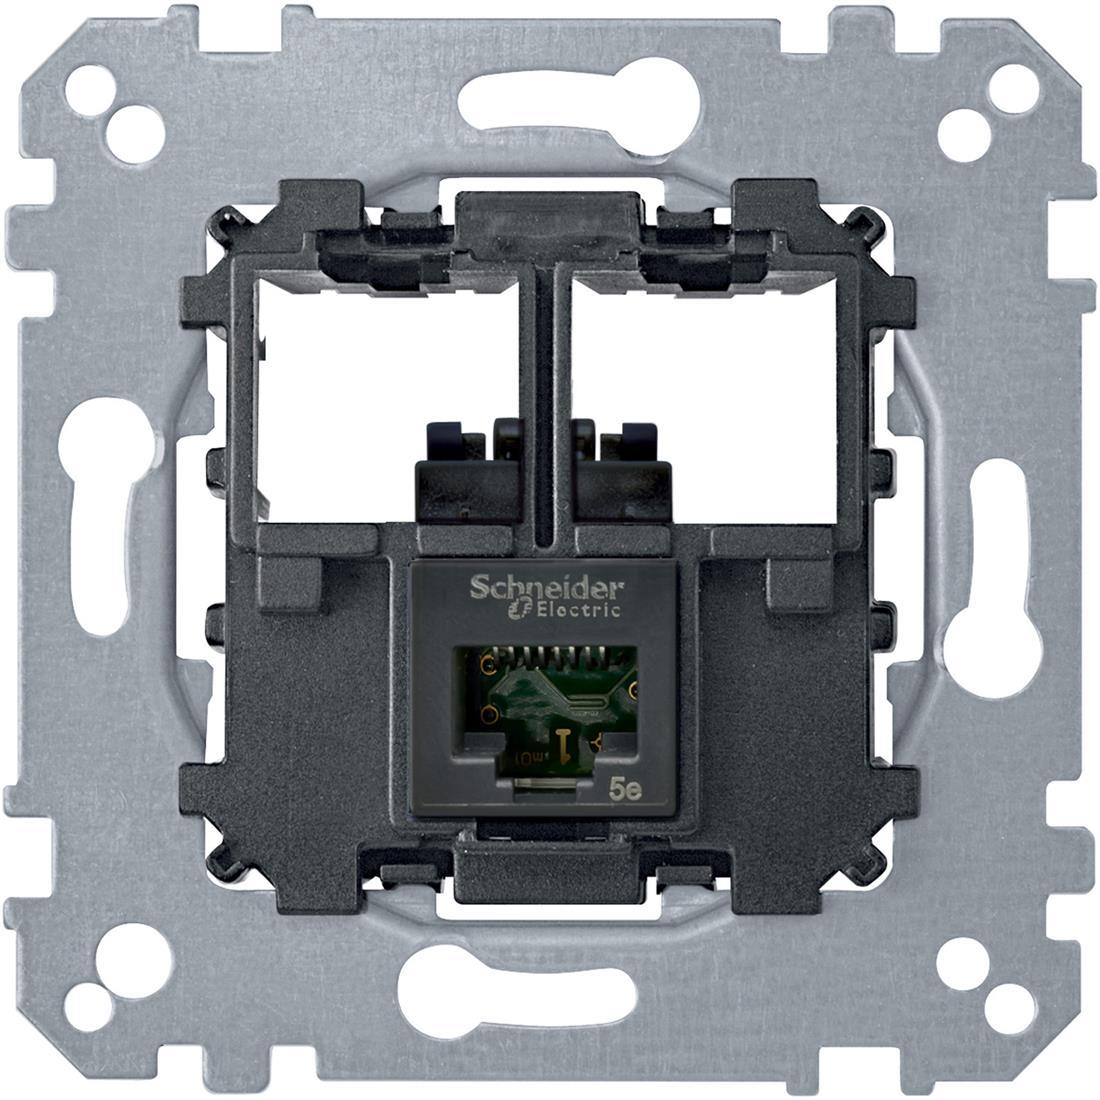 Schneider-Merten draagplaat 1-voudig voor UTP RJ45 cat 5E (MTN4575-0001)